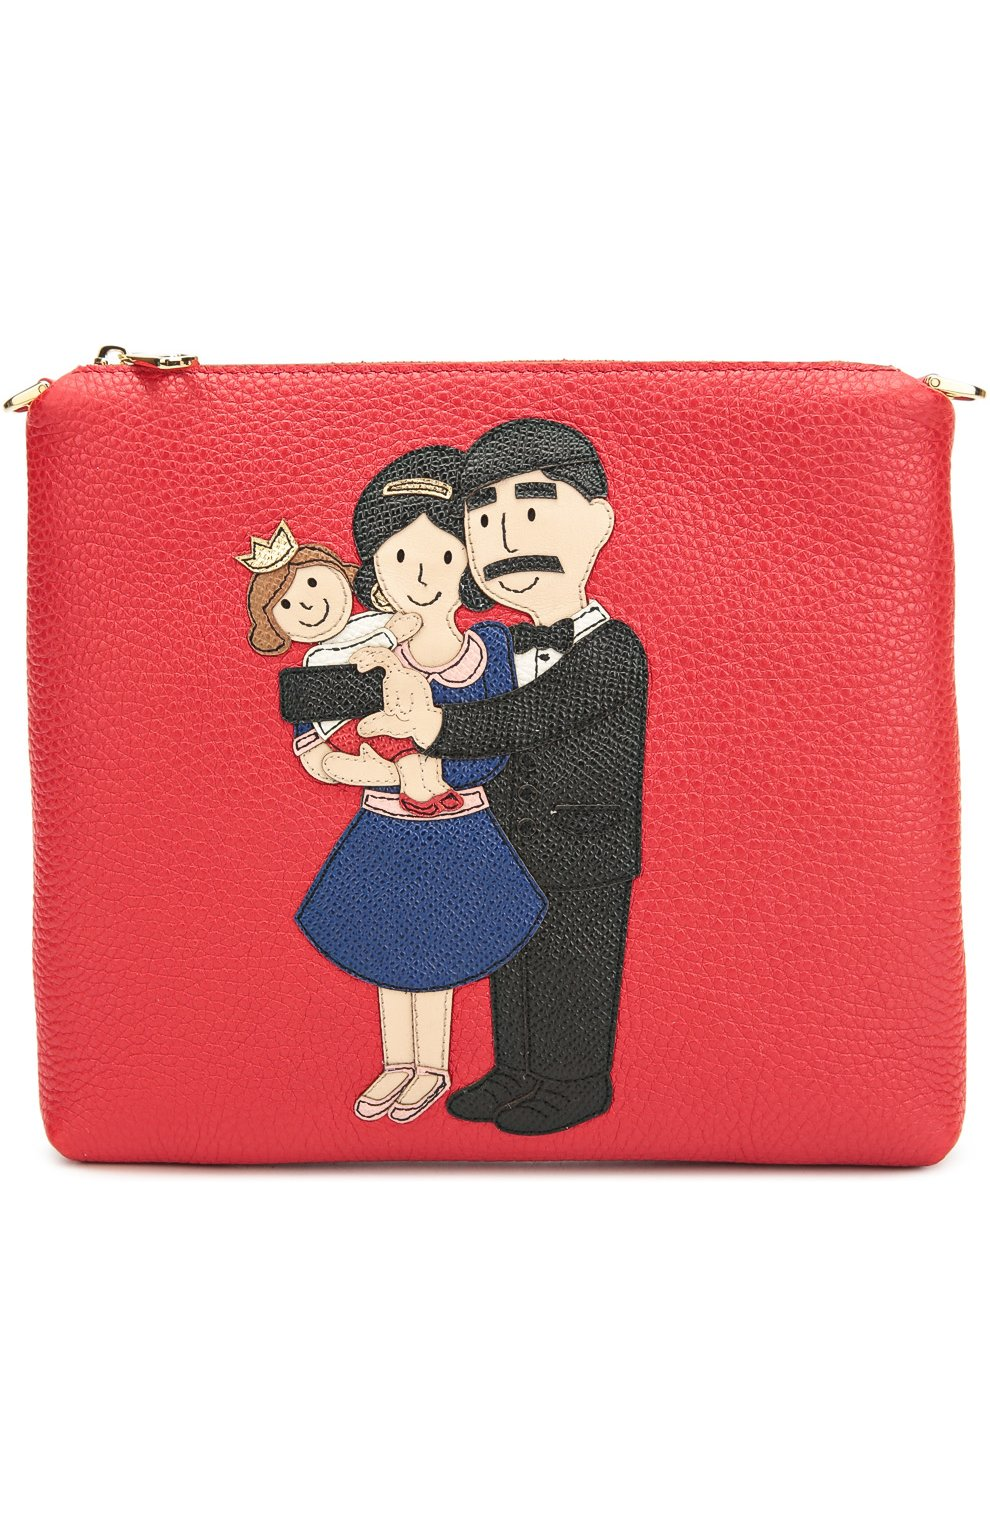 Кожаная сумка с аппликацией DG Family | Фото №1